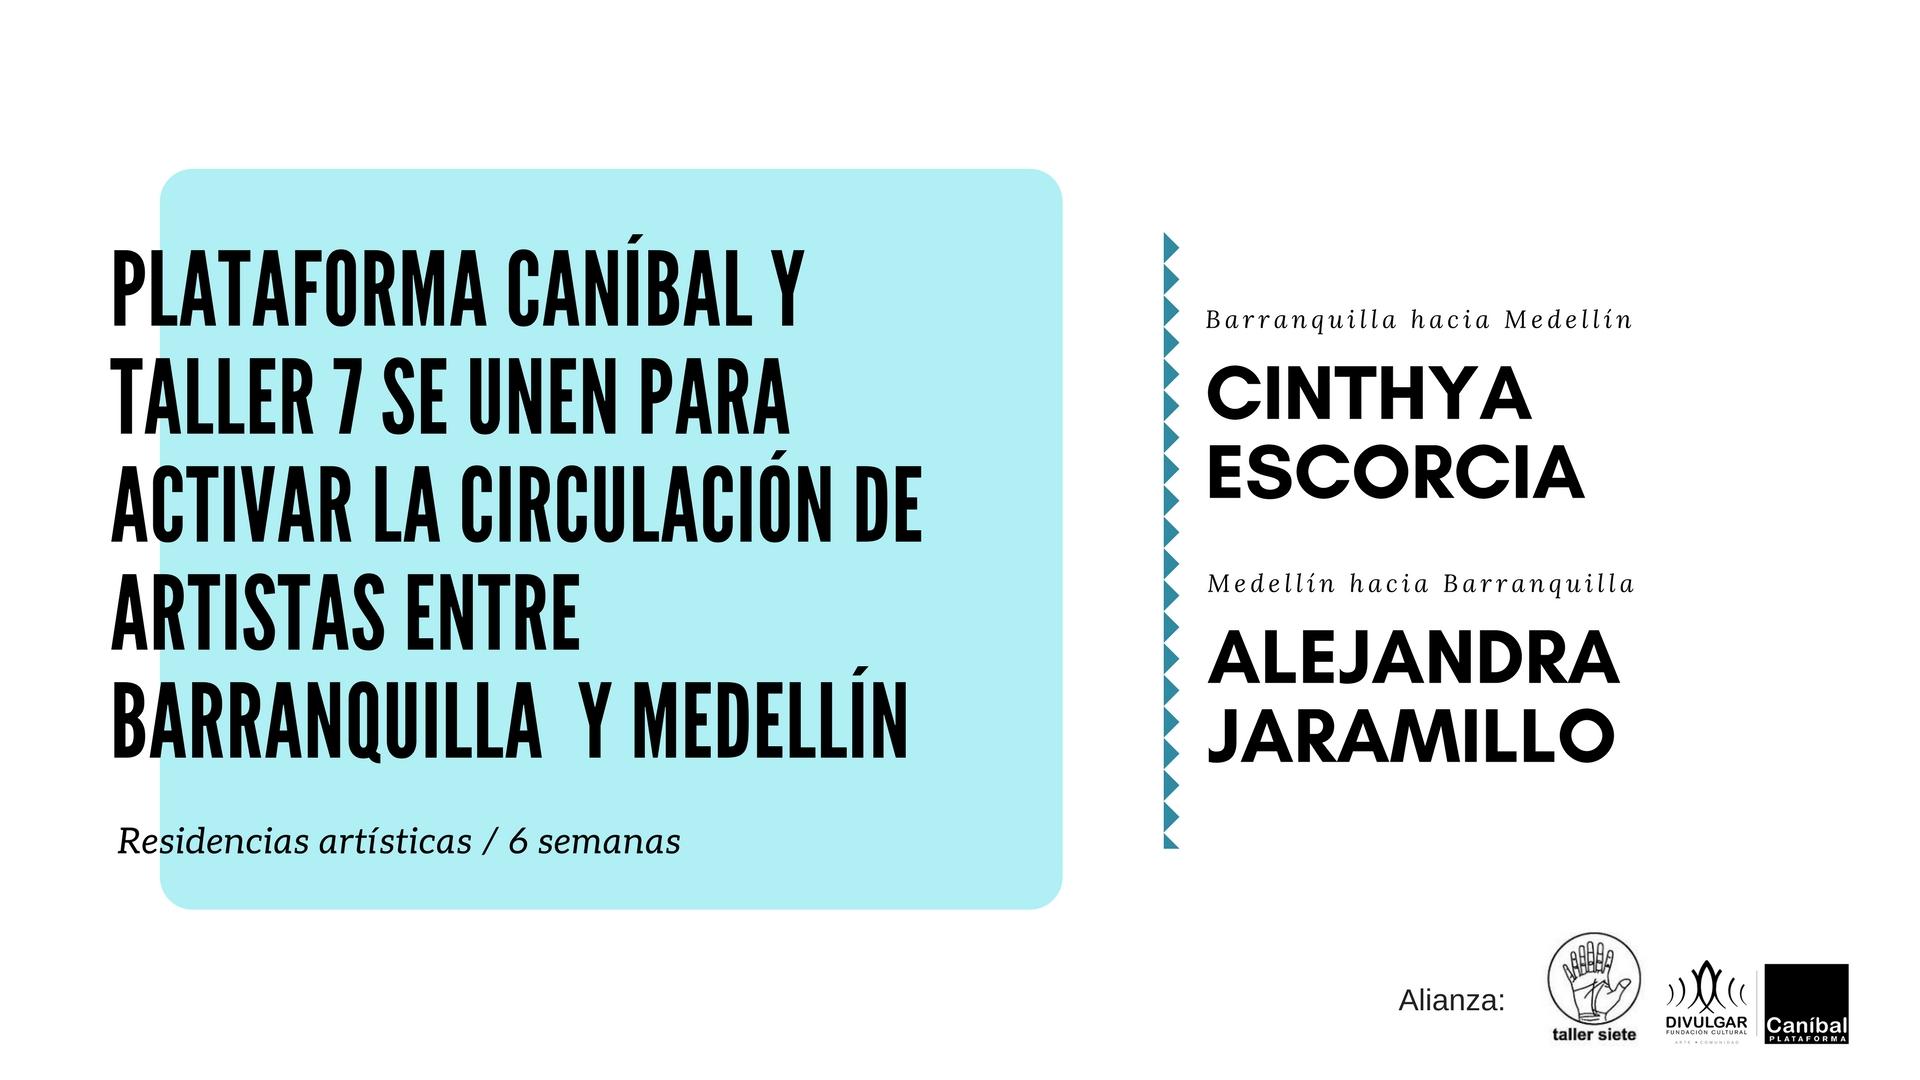 Plataforma Caníbal y Taller 7 se unen para activar la circulación de artistas entre El Caribe Colombiano y Antioquia